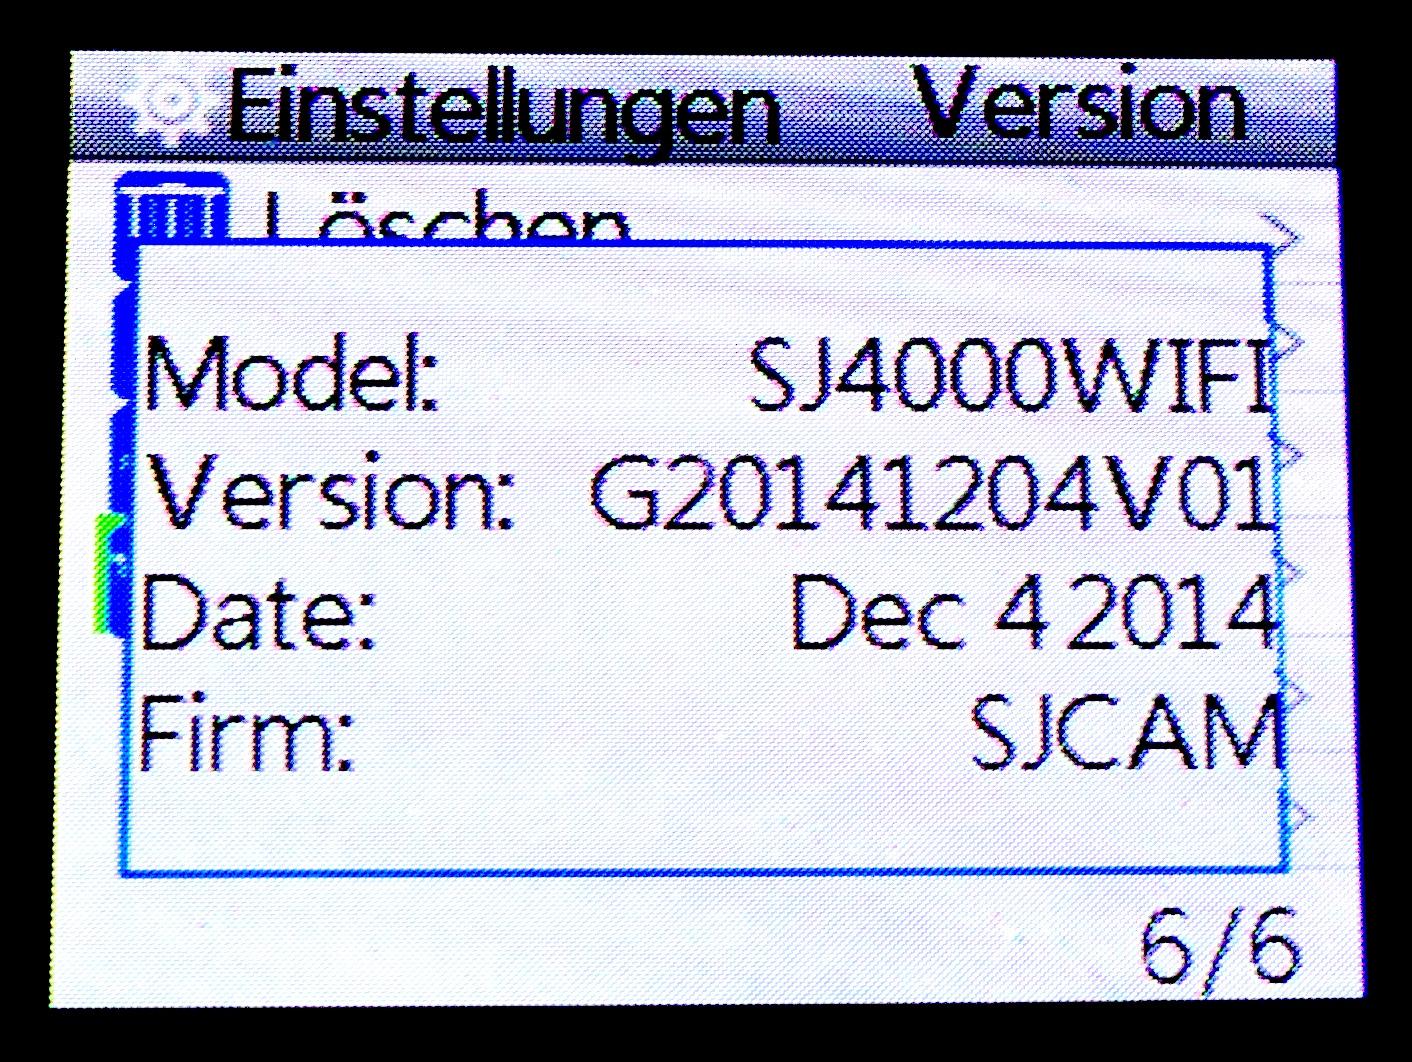 G20141204V01 SJ400 WIFI